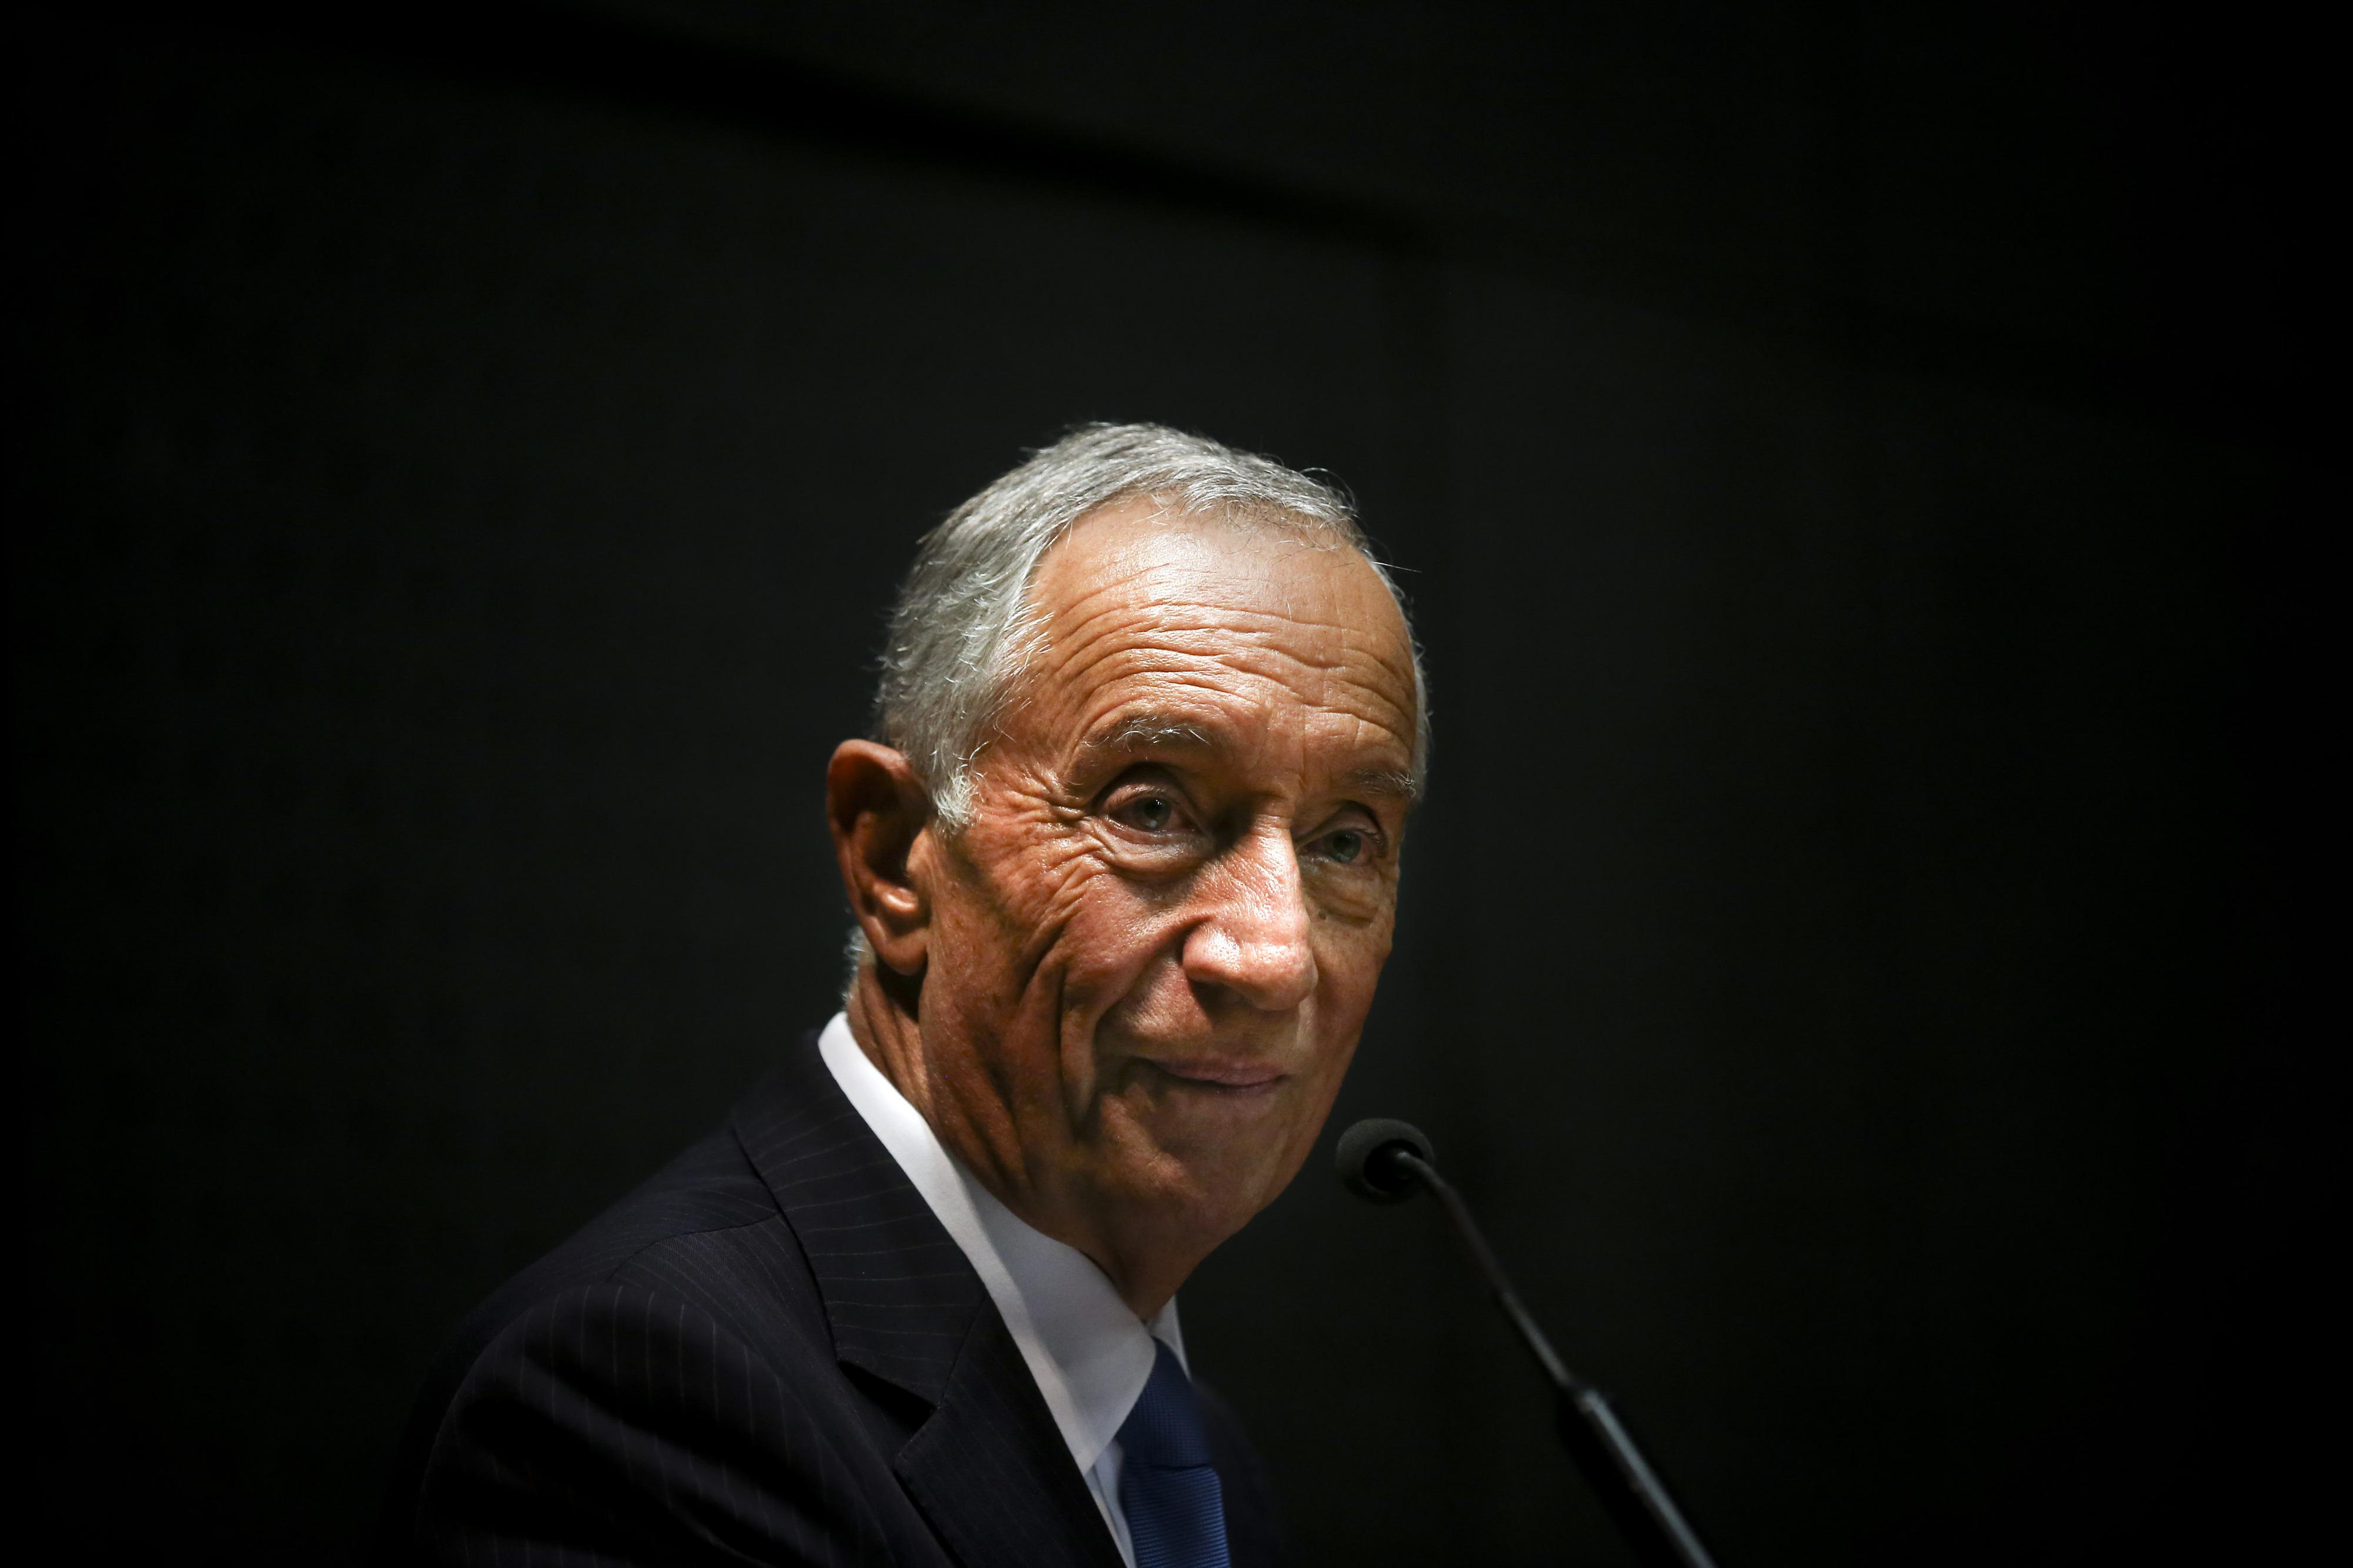 25 de Abril: Marcelo orgulhoso de ser um Presidente que anda à-vontade pelo país